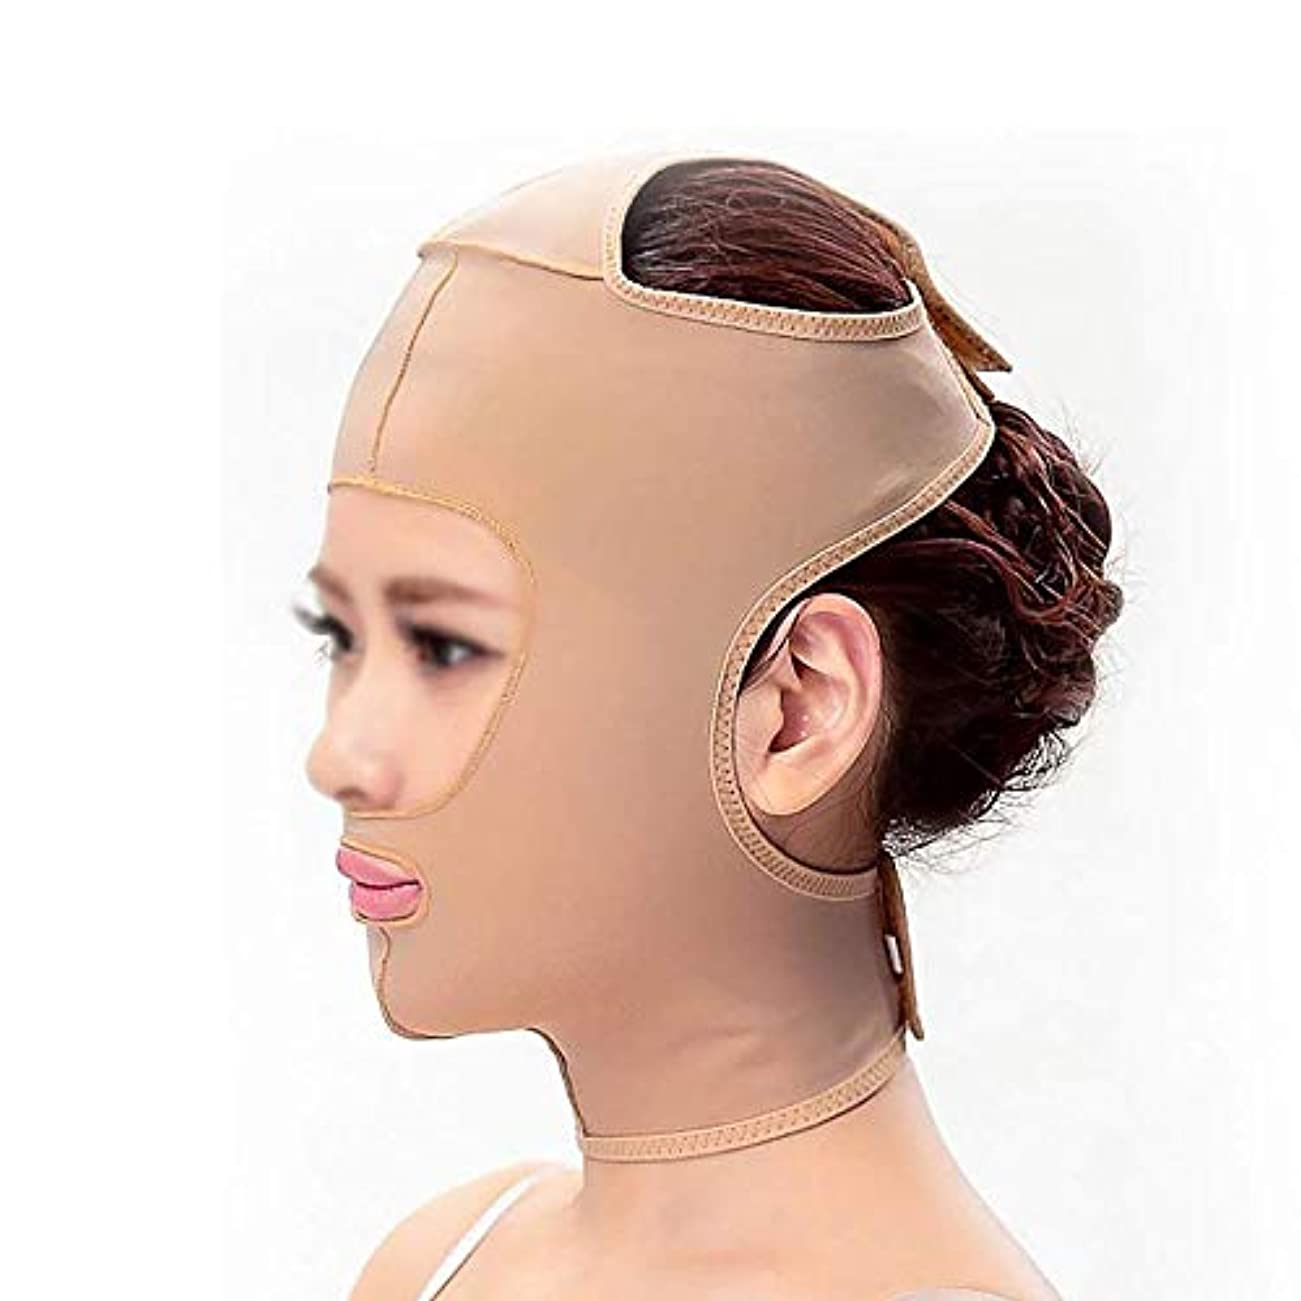 現金中アクティビティHEMFV フェイシャル・シェーピング、繊細な顔のシンフェイススキンケアベルト状と顔Thiningバンドマスク二重あごフェイスを削減持ち上げ (Size : L)